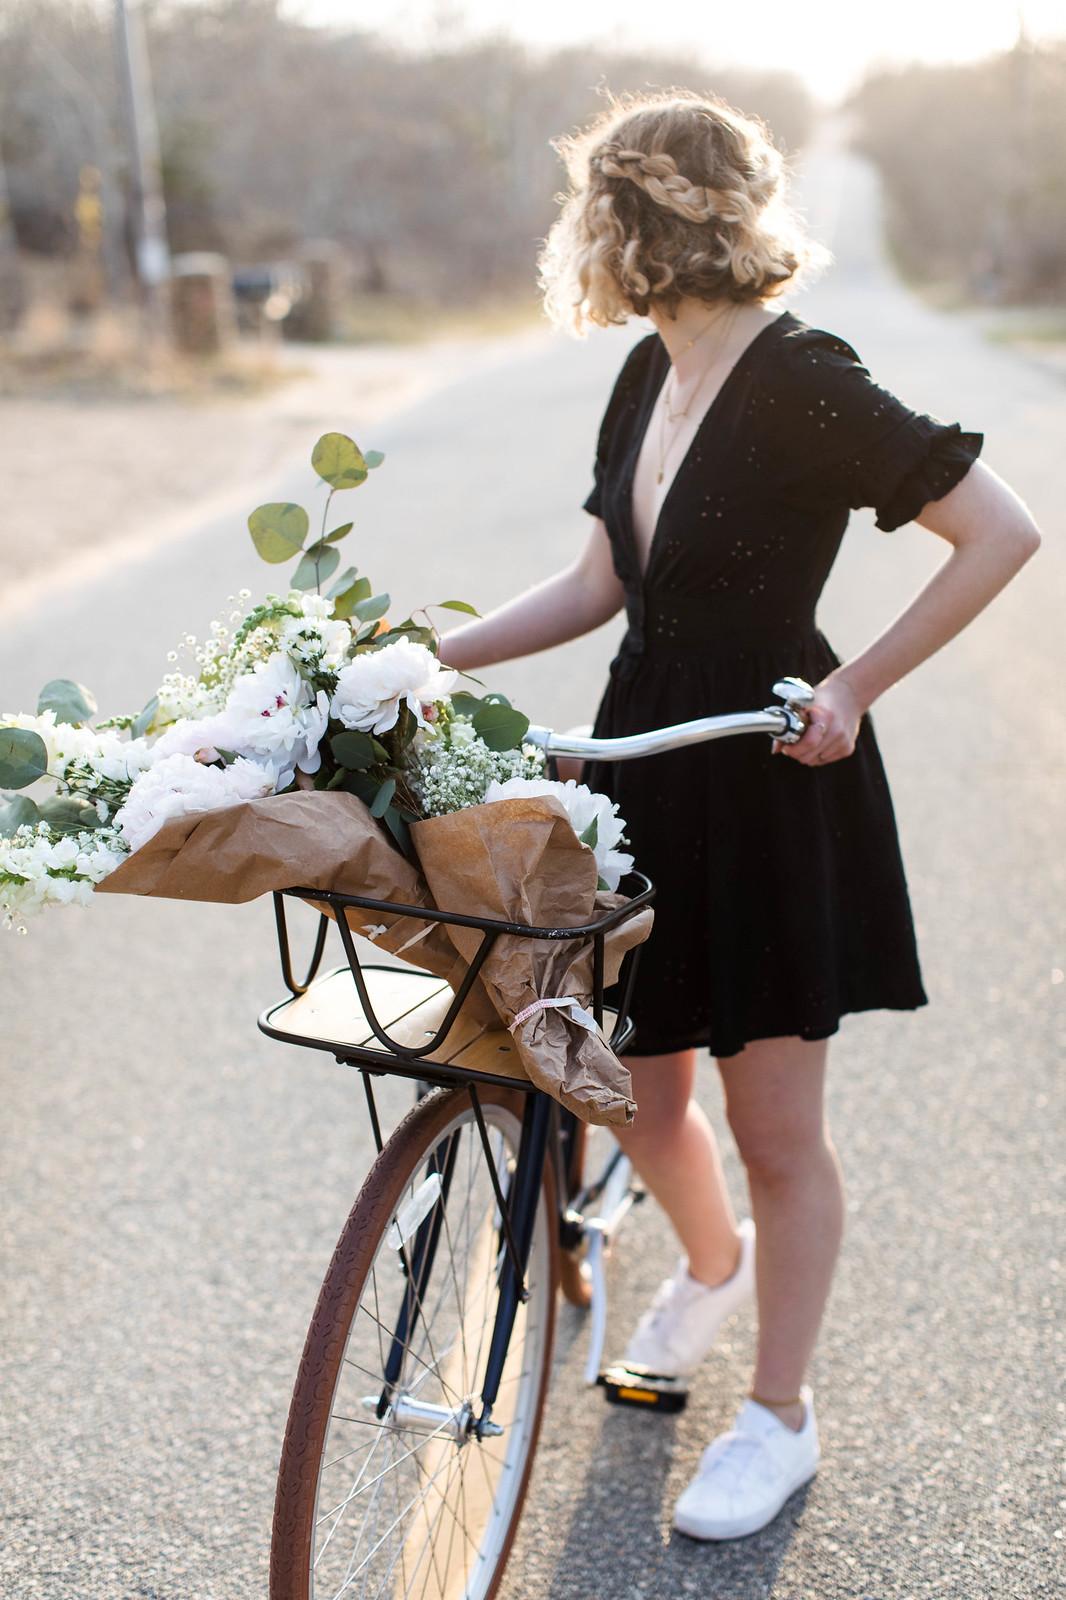 Spring Fashion on juliettelaura.blogspot.com